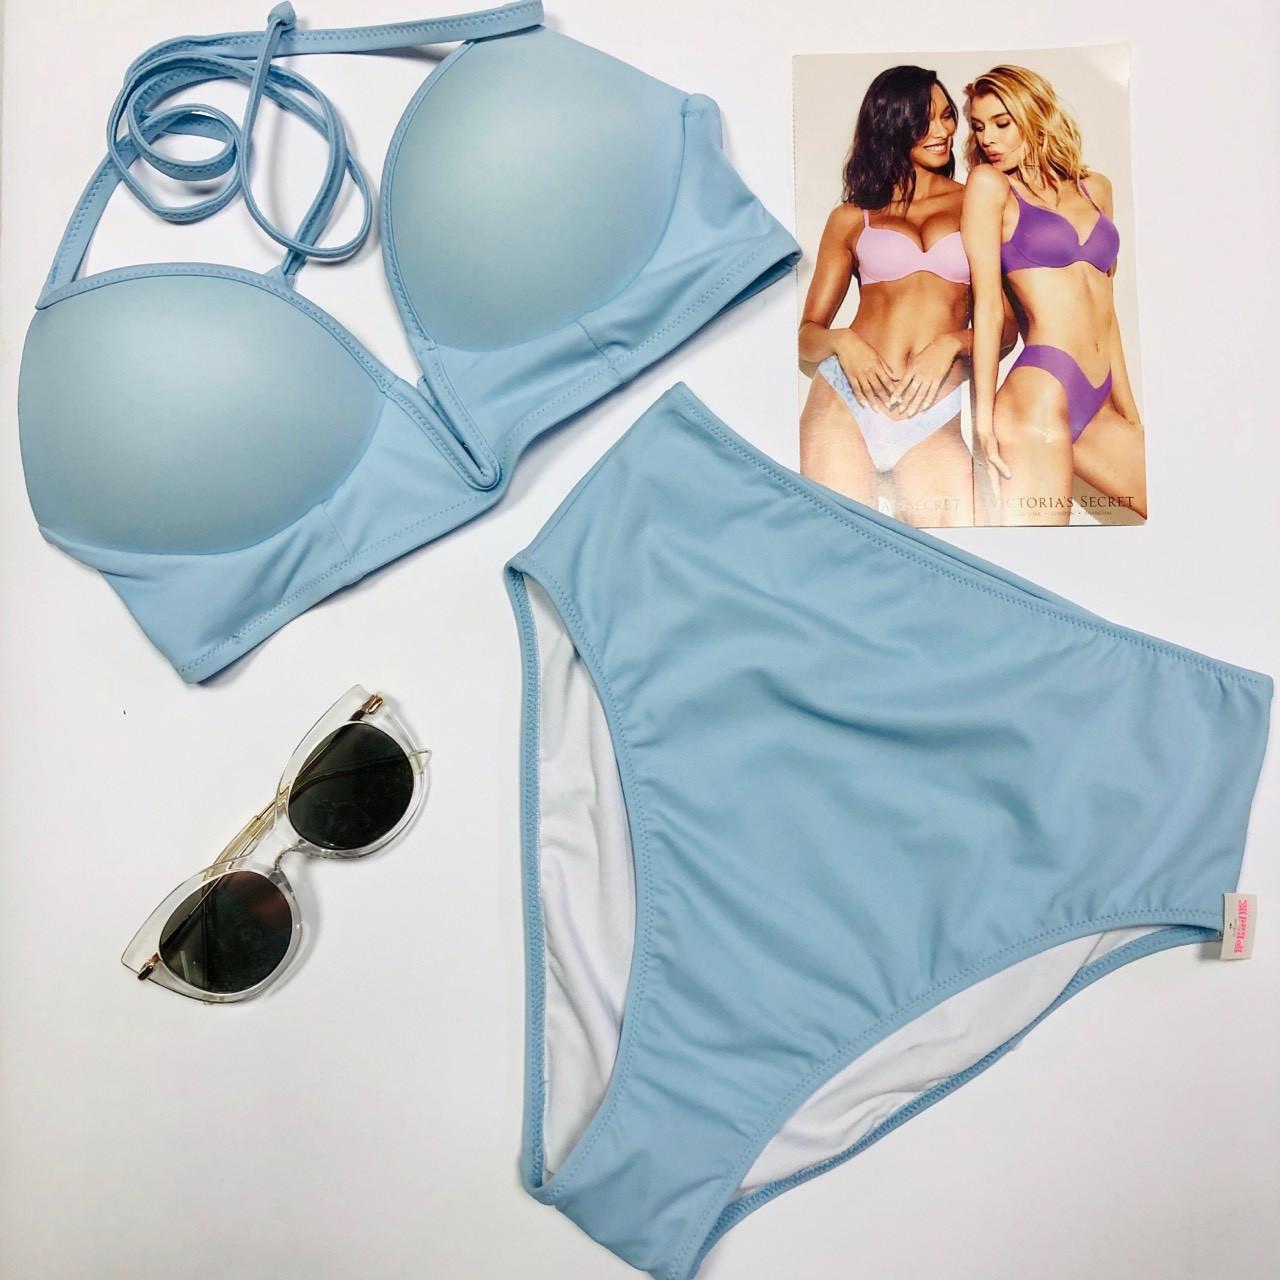 Victoria's Secret PINK Купальник с Высокими Плавками Виктория Сикрет